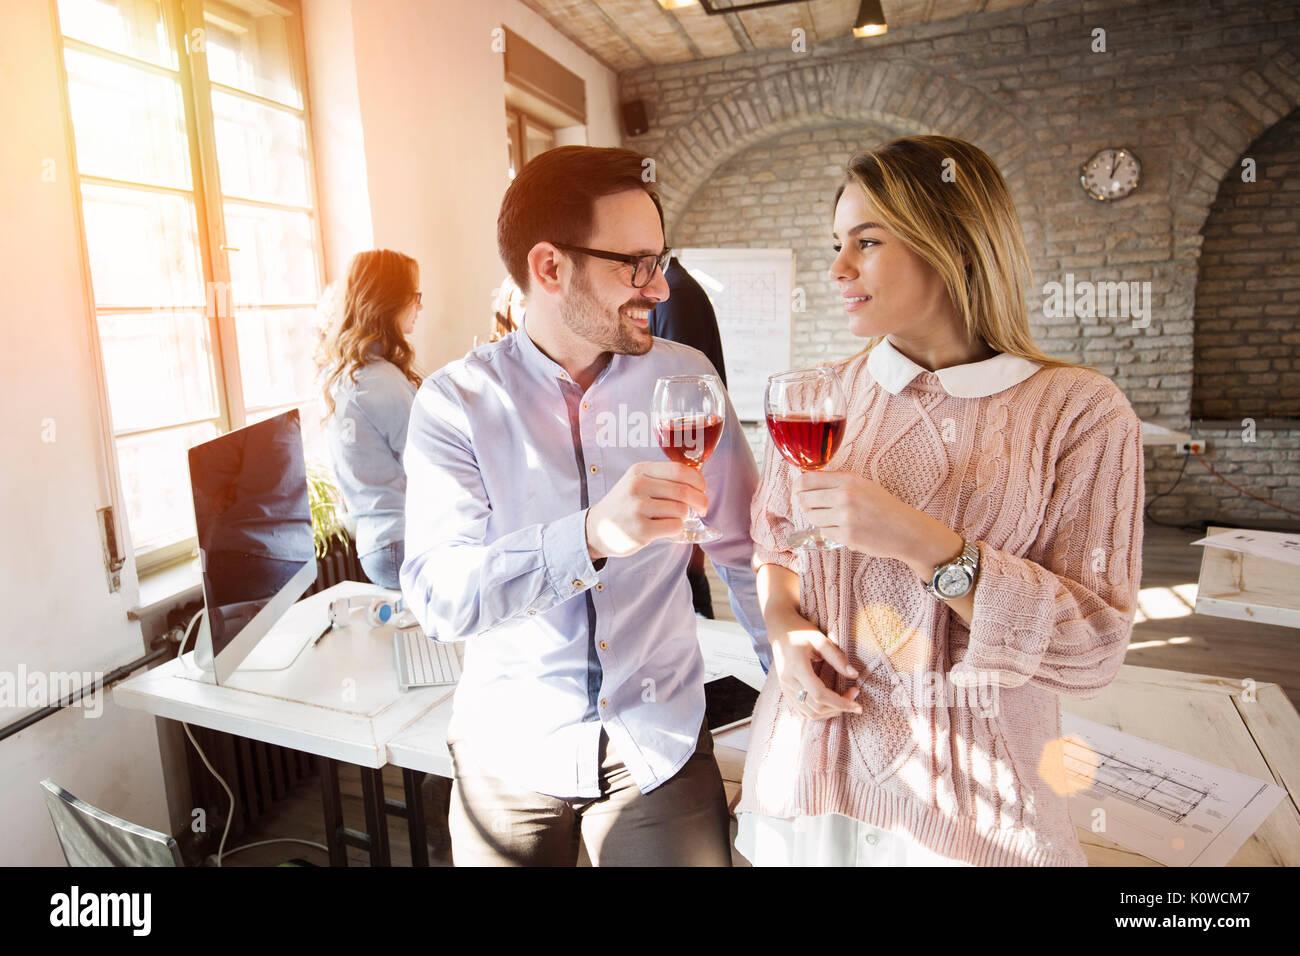 Heureux les jeunes architectes ayant briser et boire du vin Photo Stock